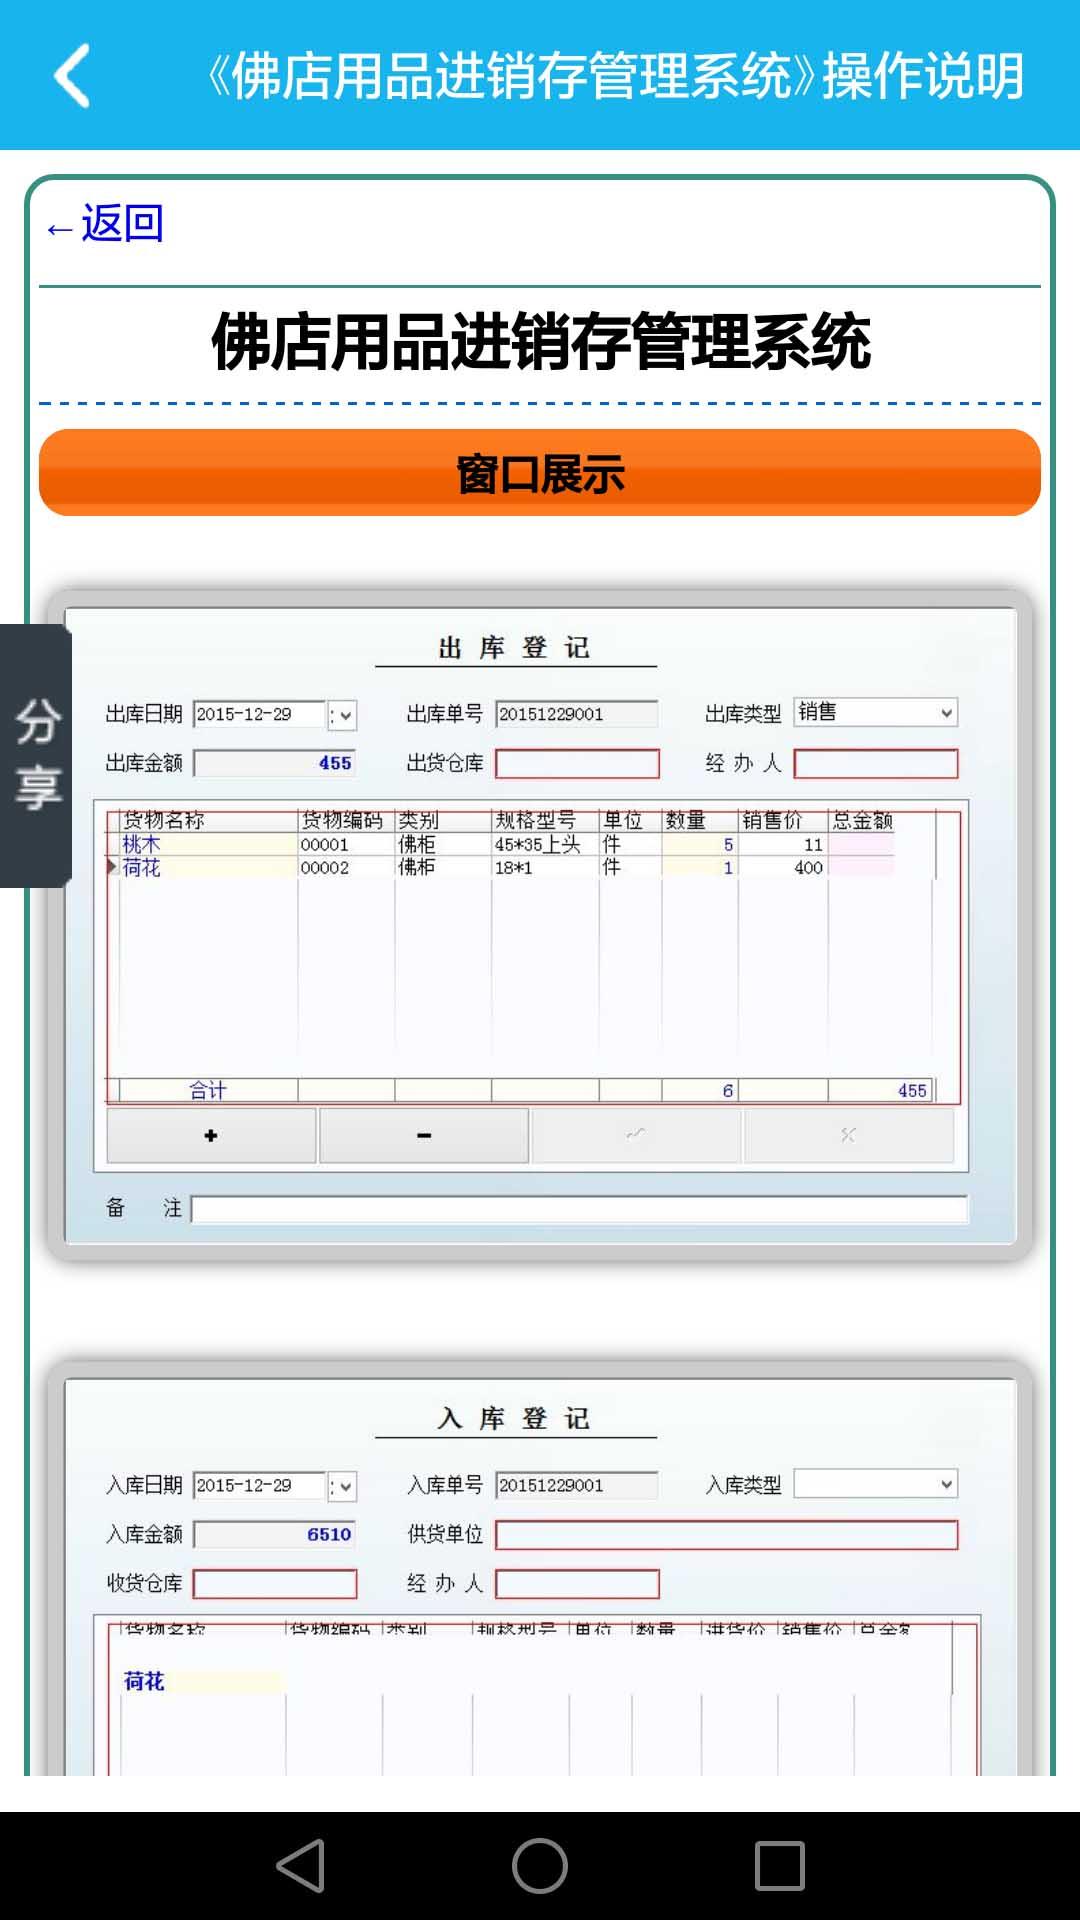 佛店用品管理系统截图